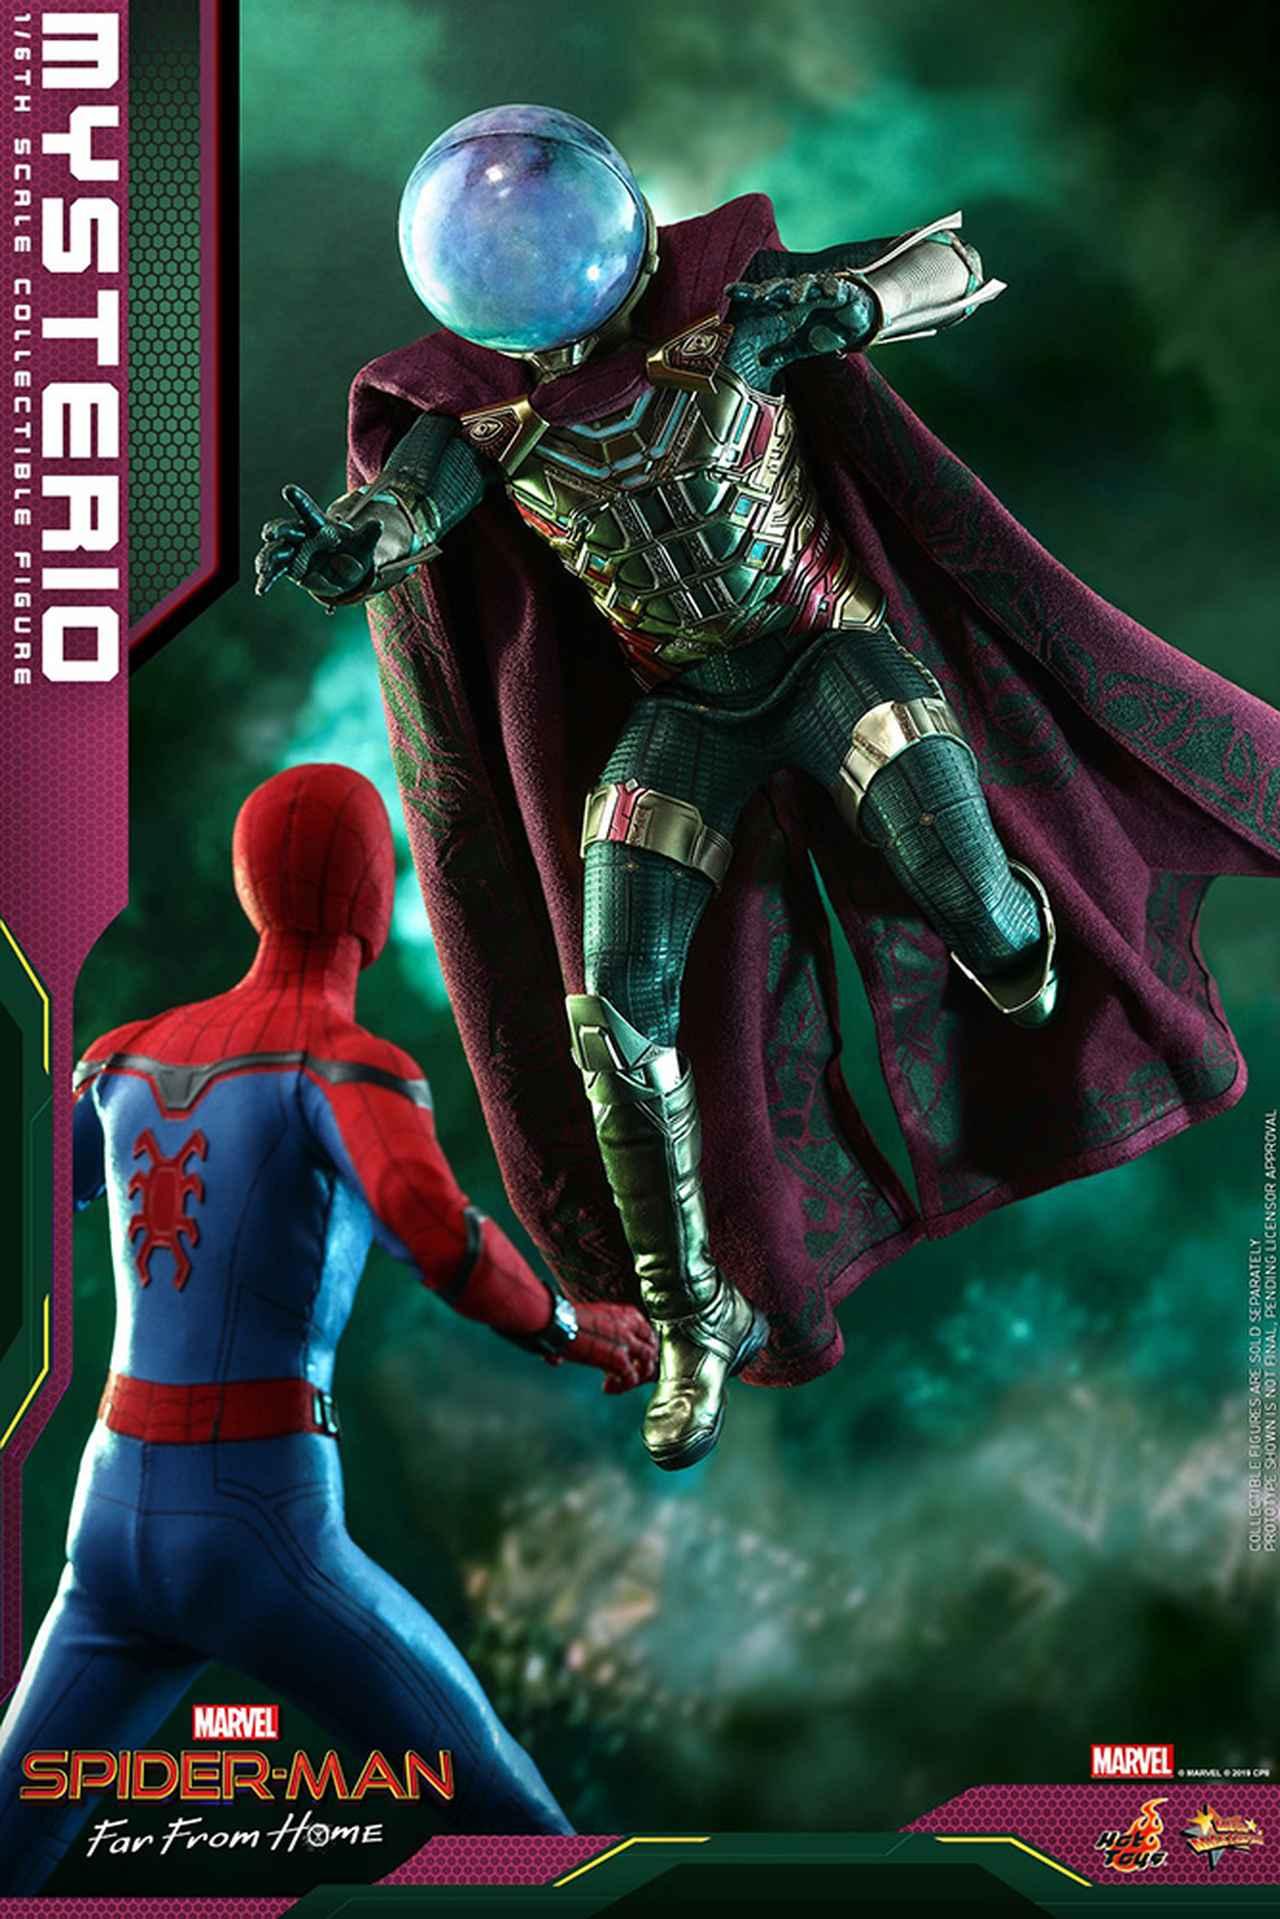 Images : 4番目の画像 - 「ホットトイズより「スパイダーマン:ファー・フロム・ホーム」ミステリオのハイエンドな1/6スケールフィギュアが!」のアルバム - SCREEN ONLINE(スクリーンオンライン)